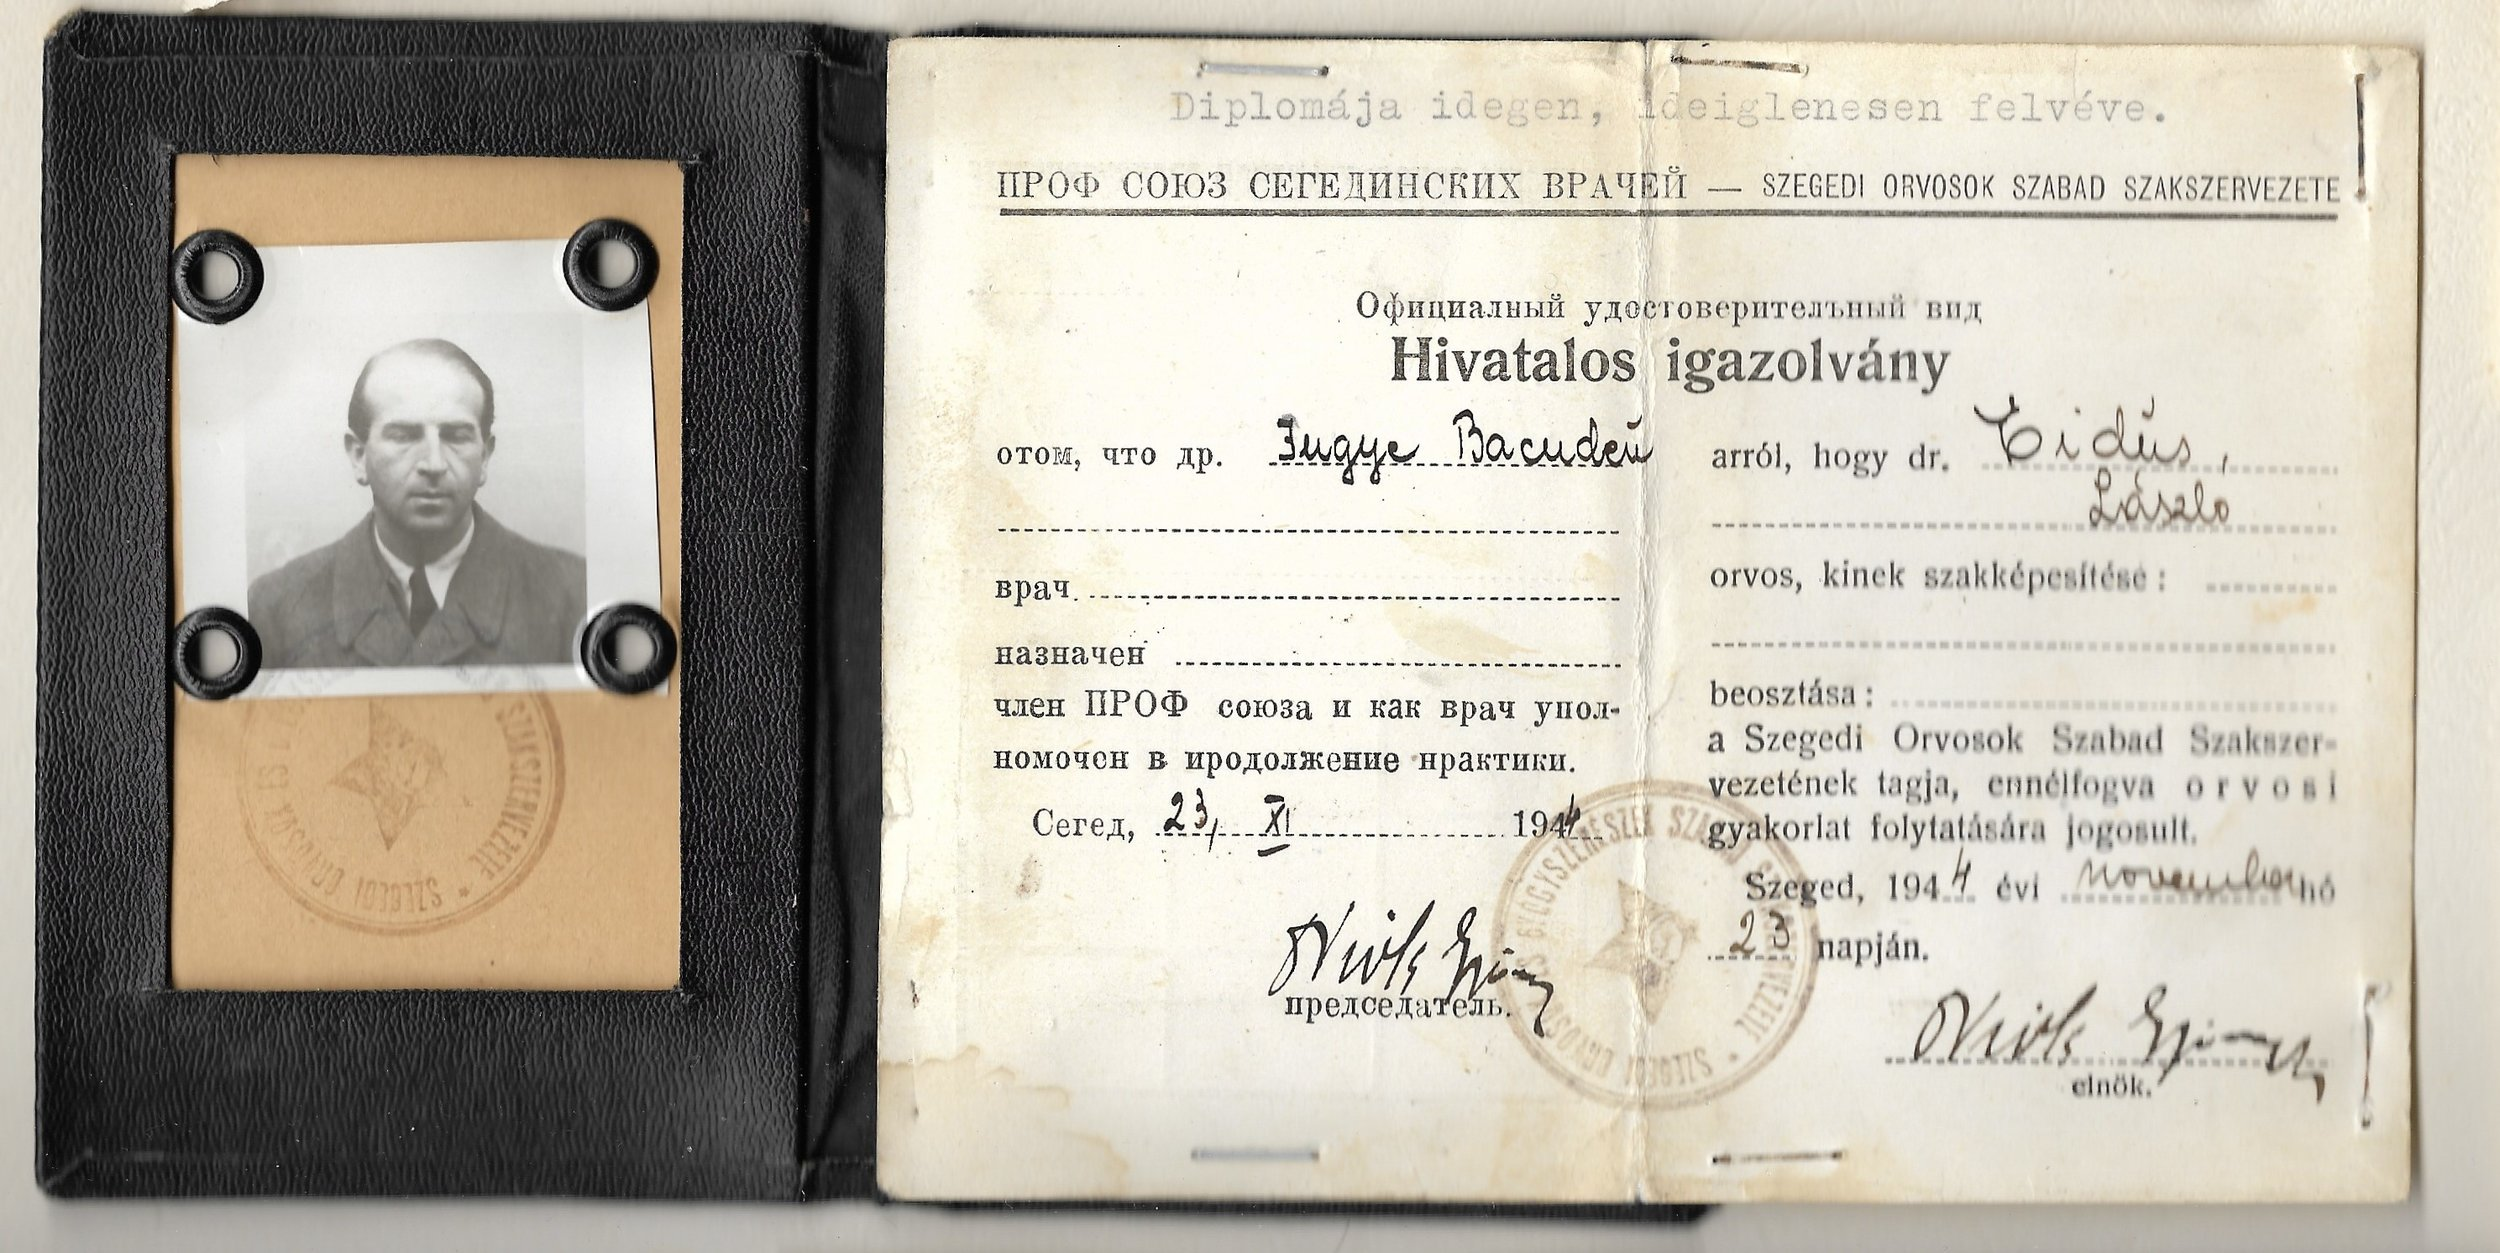 Kétnyelvű igazolvány, 1945